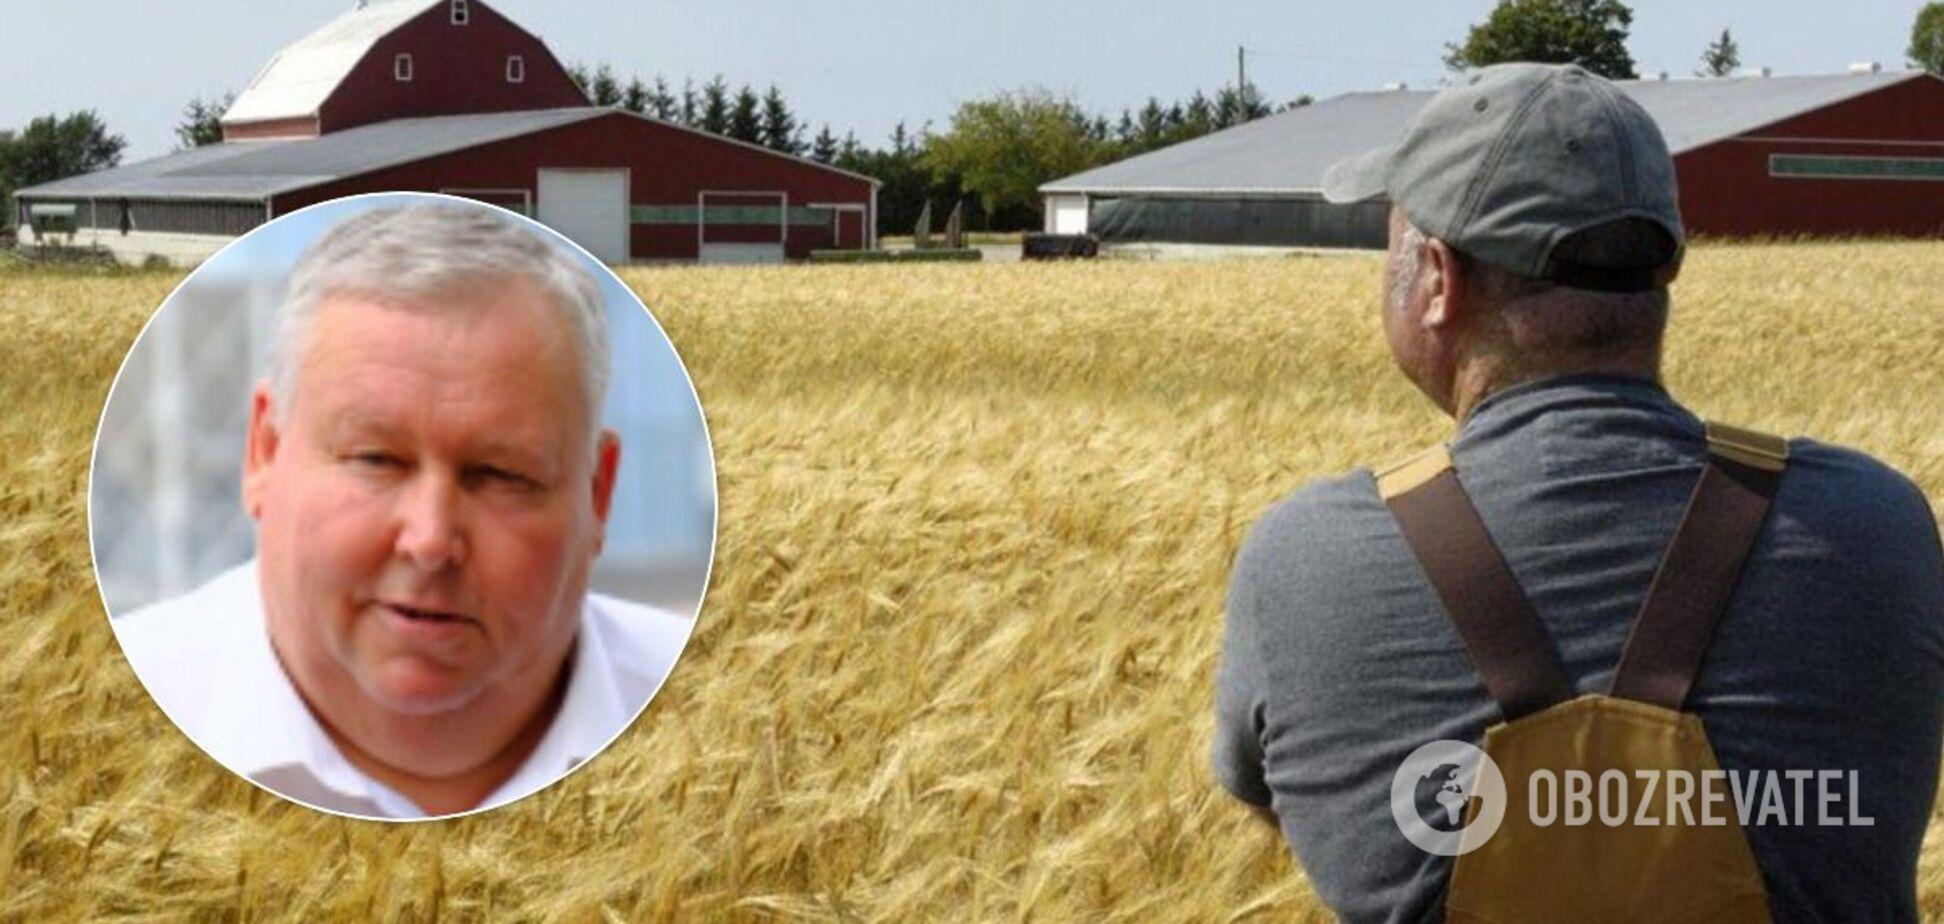 Под Днепром 'слуга народа' за бесценок забрал земли фермеров– СМИ